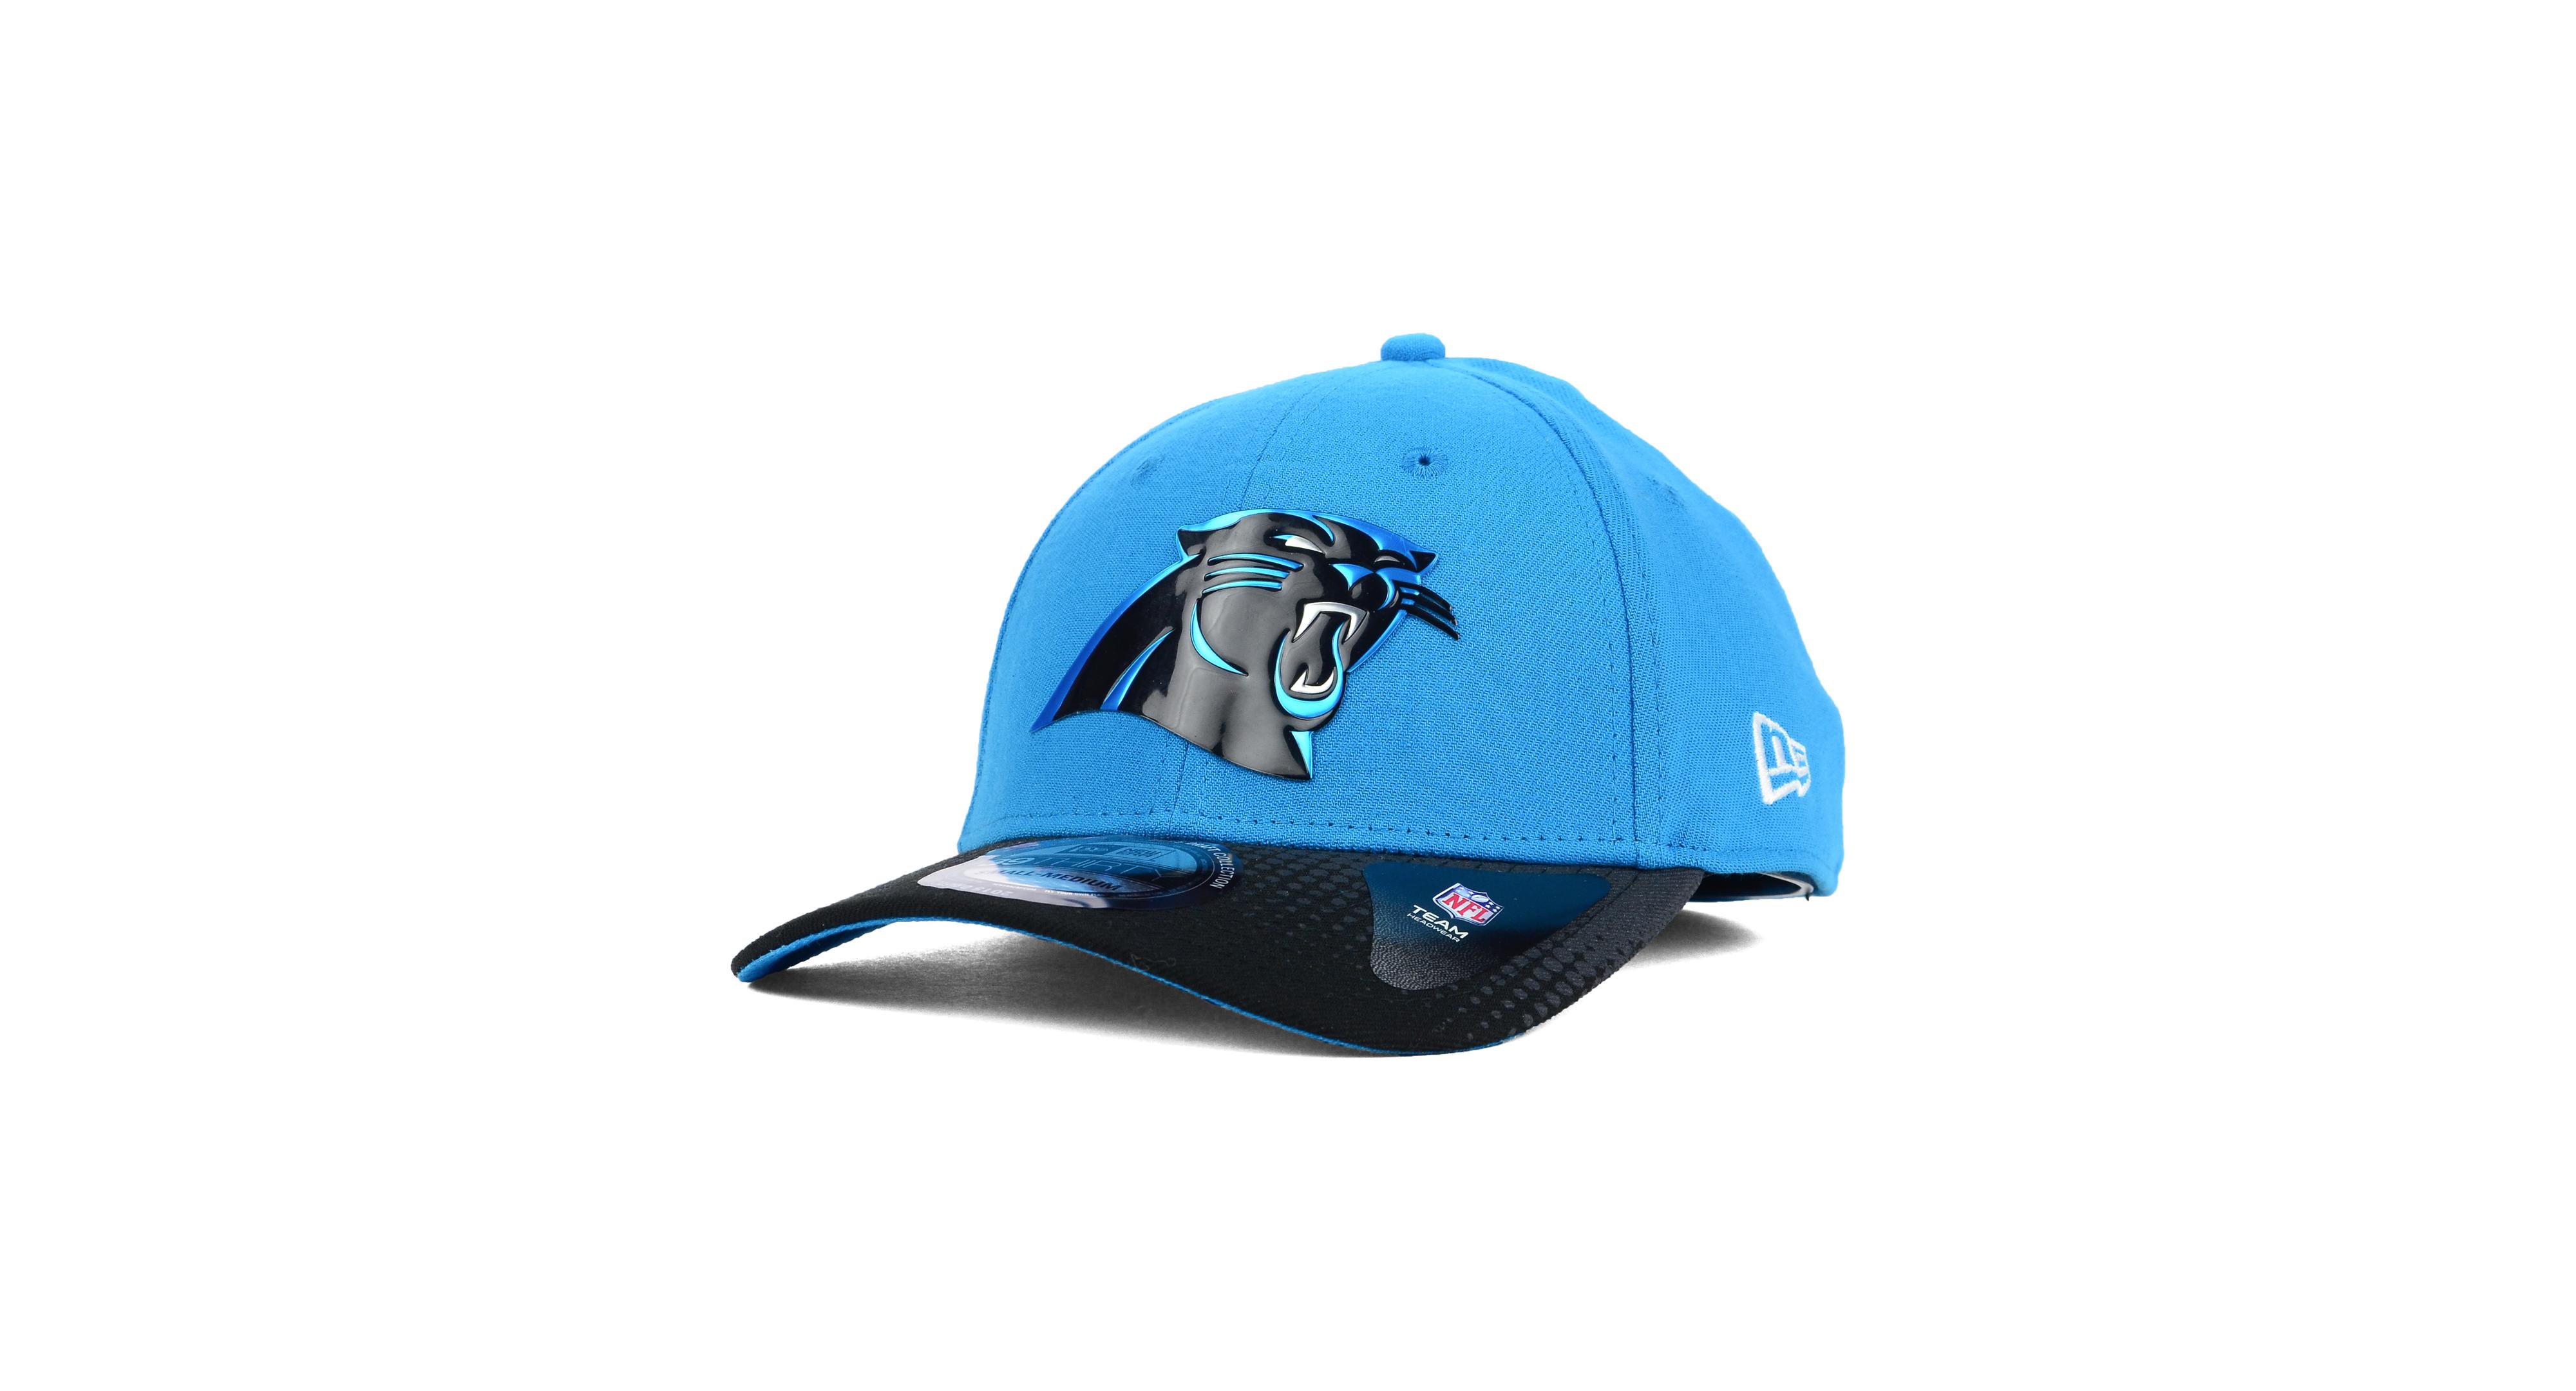 timeless design c5674 1c8d3 New Era Carolina Panthers 2015 Nfl Draft 39THIRTY Cap